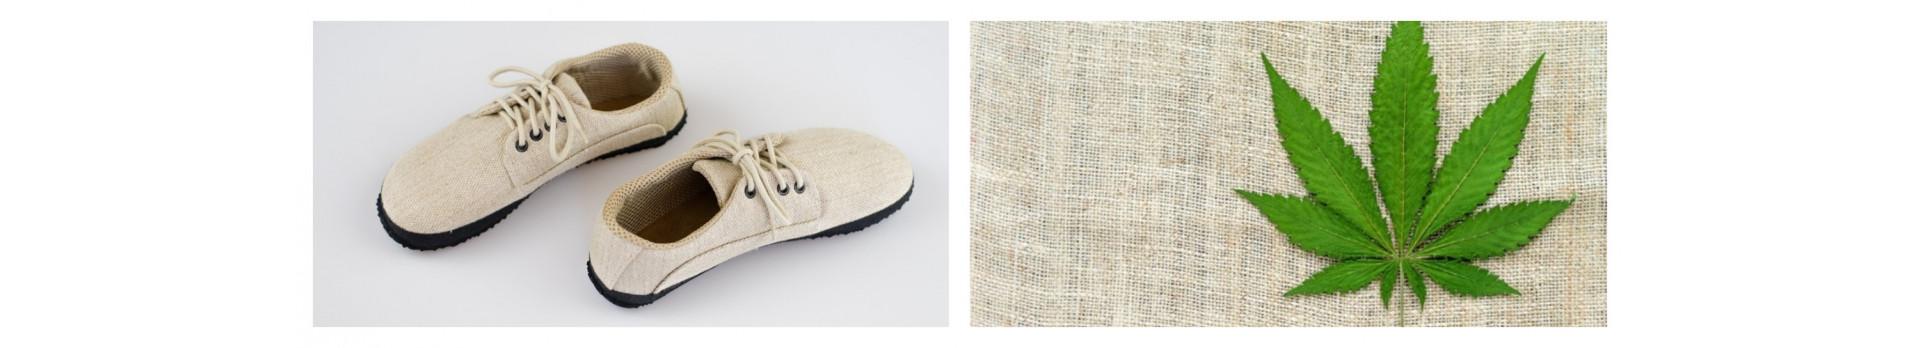 Konoplja Barefoot ženski